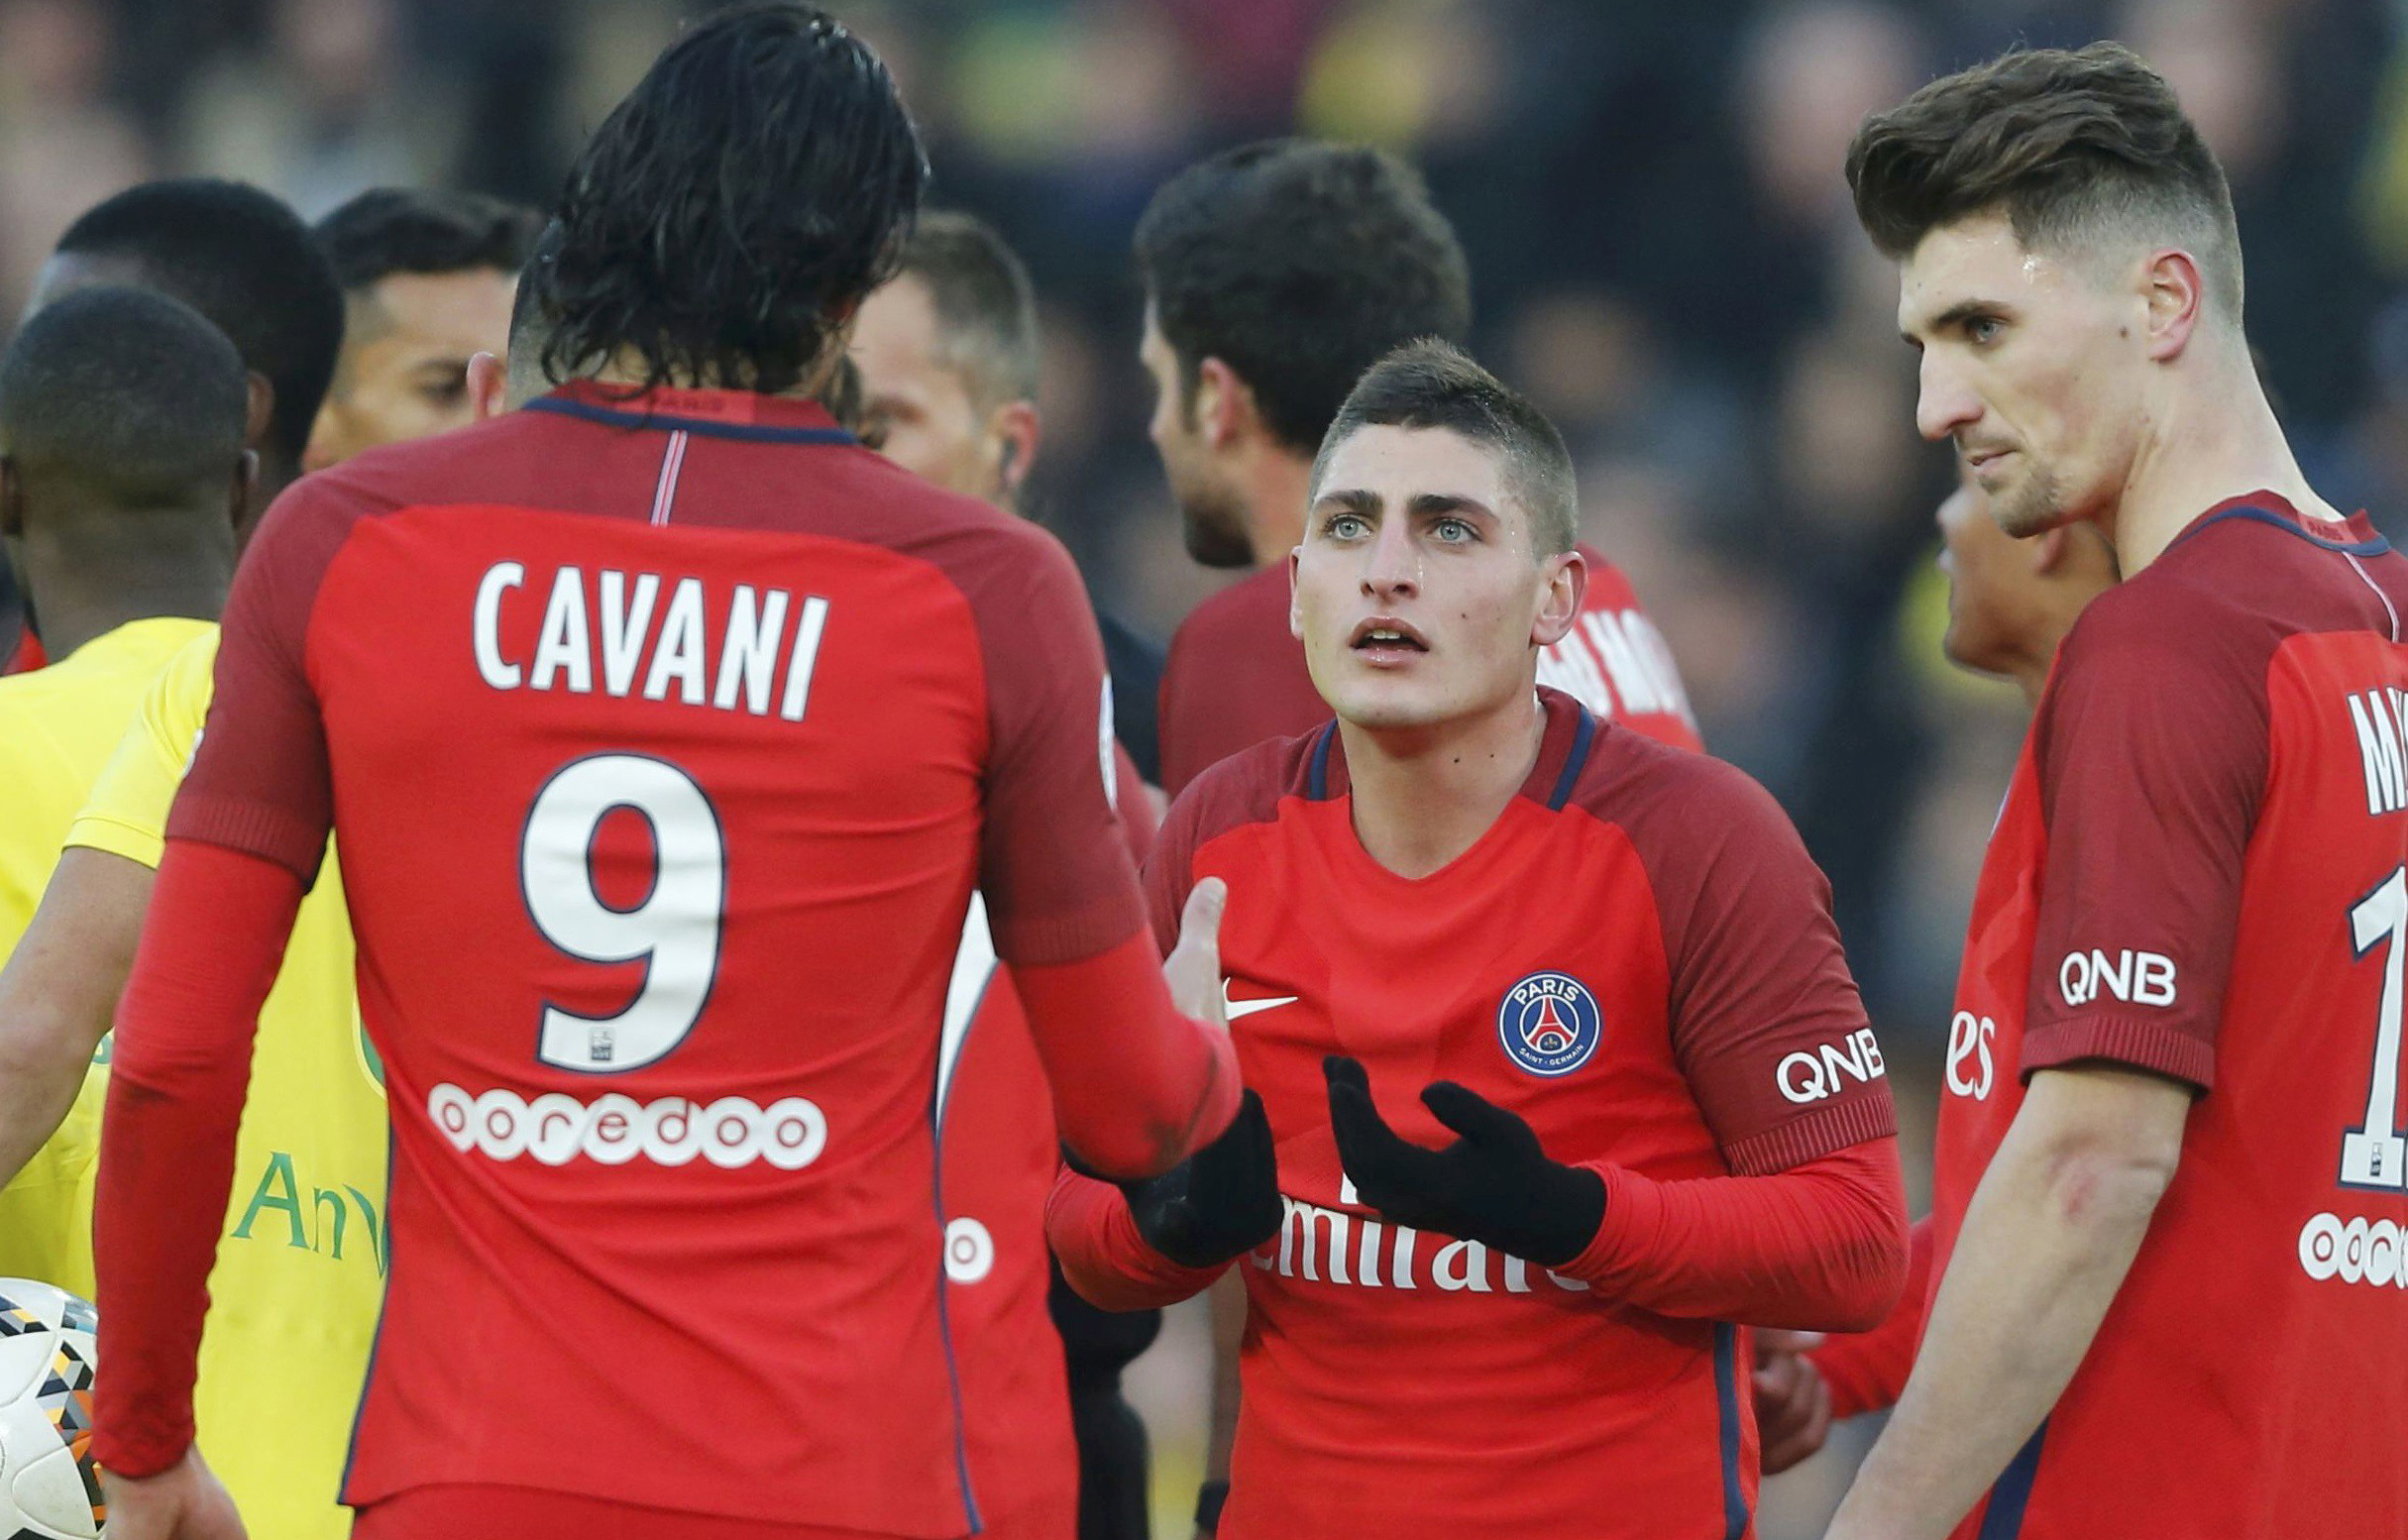 Marco Verratti comparte su incredulidad con Cavani por ver la tarjeta amarilla.